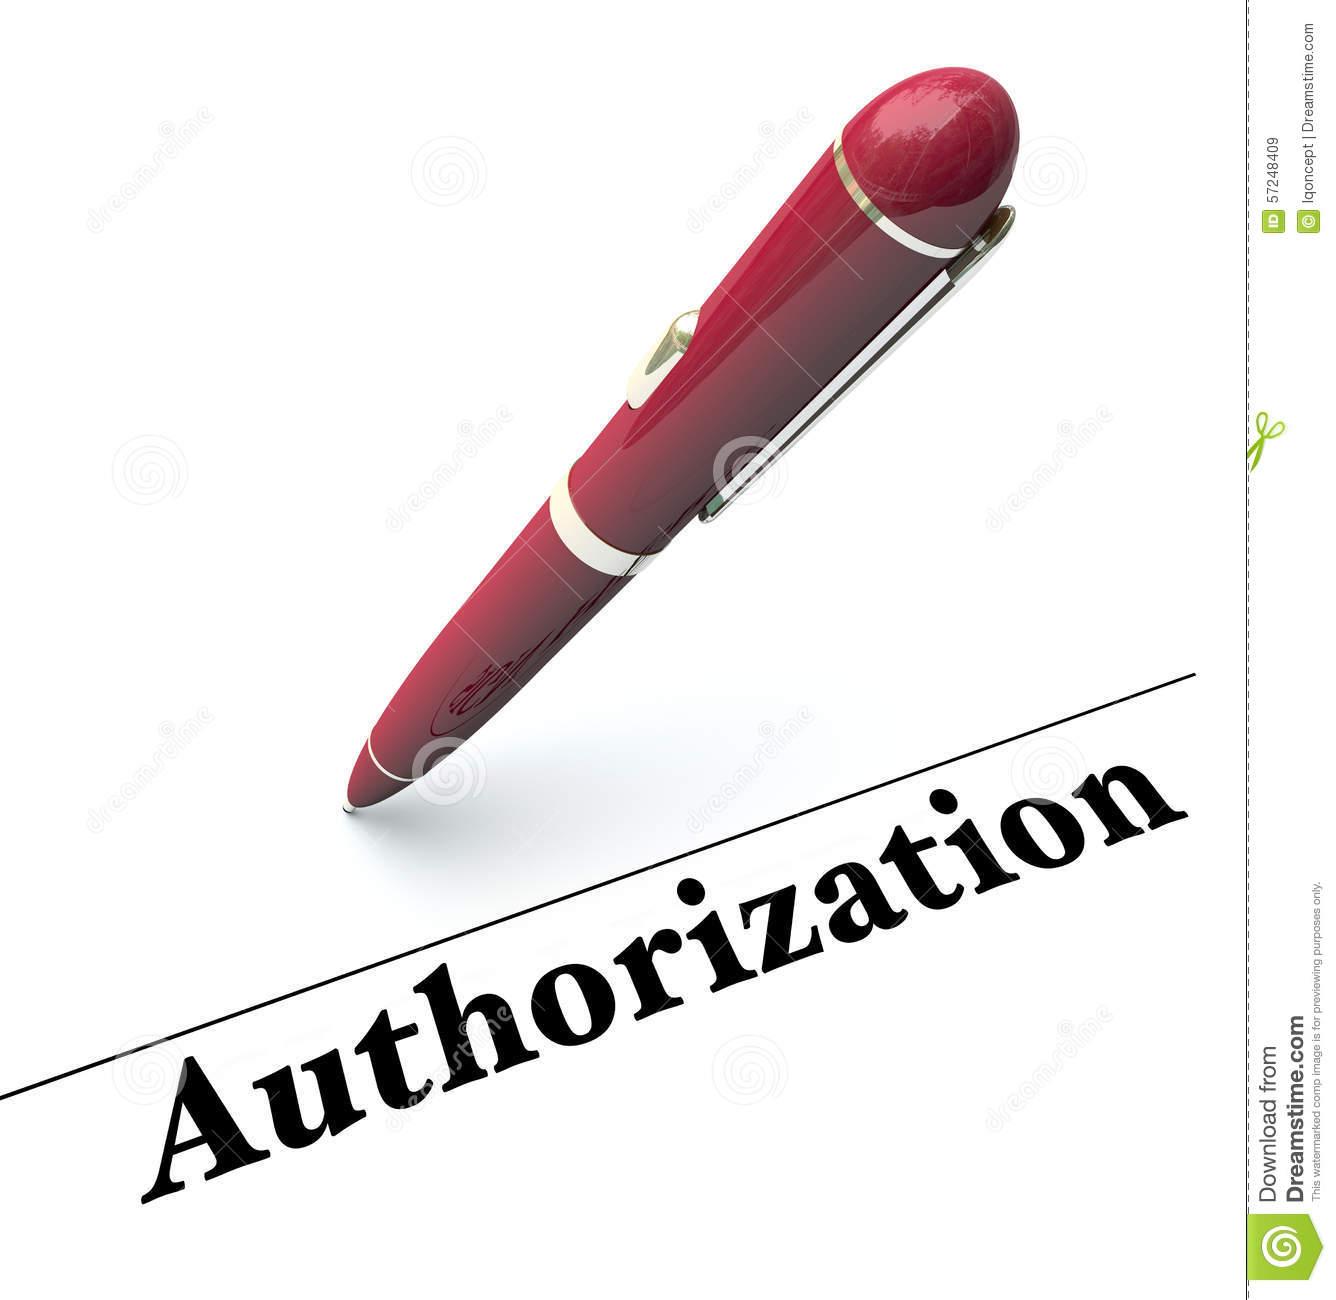 Authorize clipart.